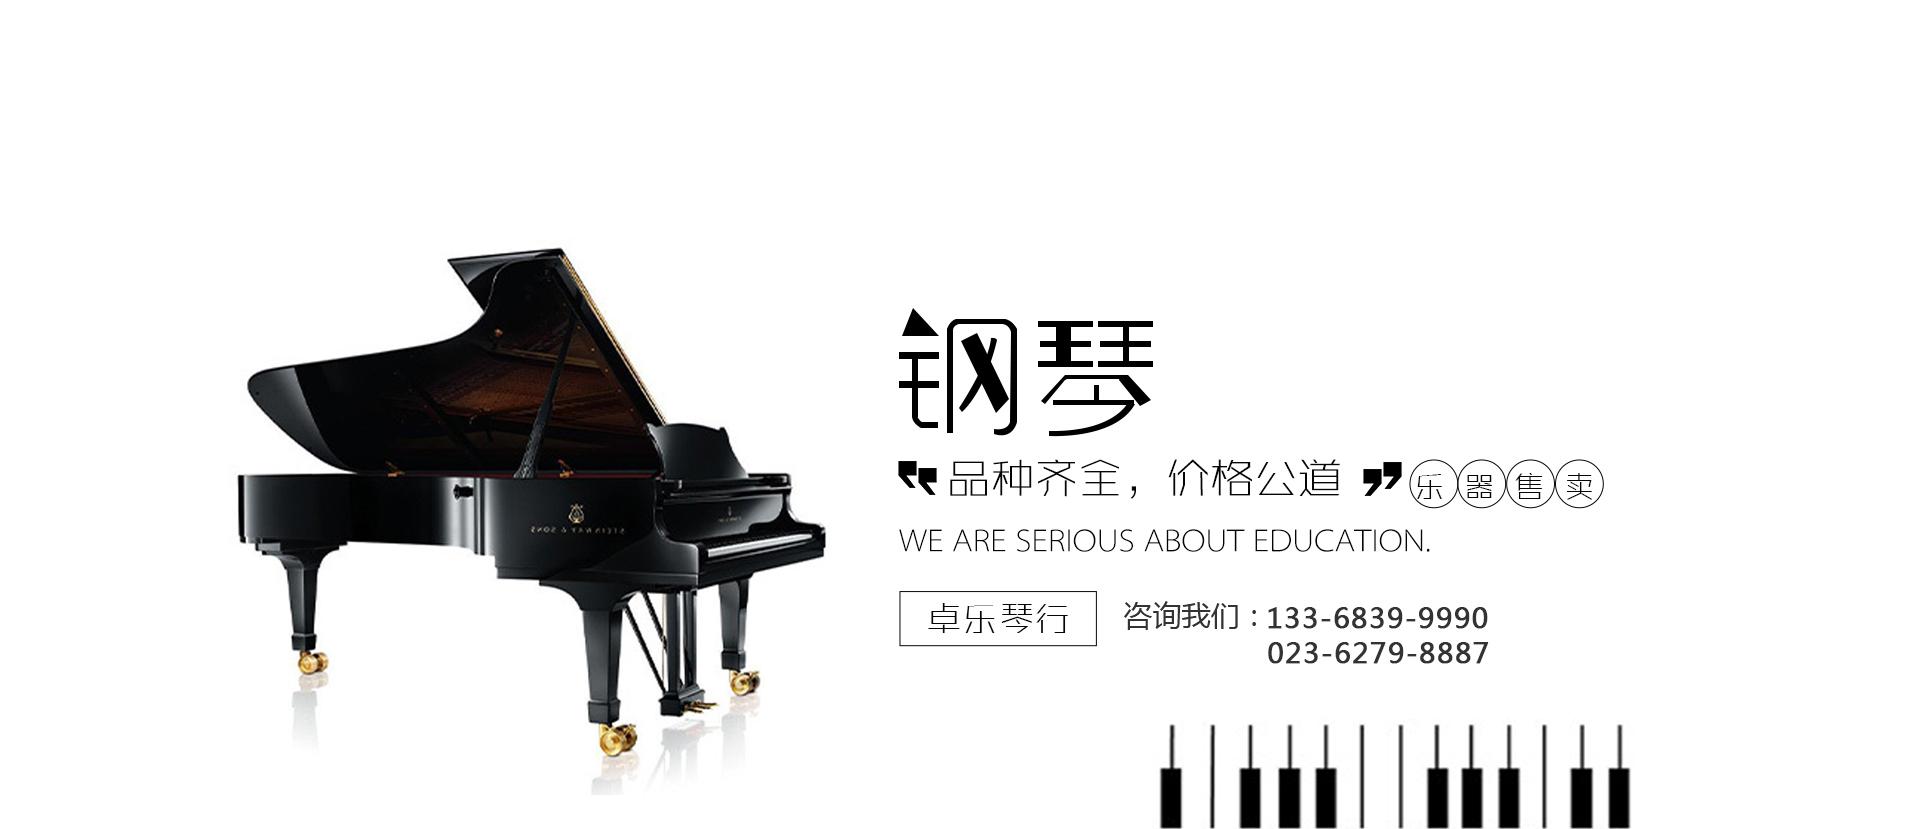 重庆卡瓦依钢琴店